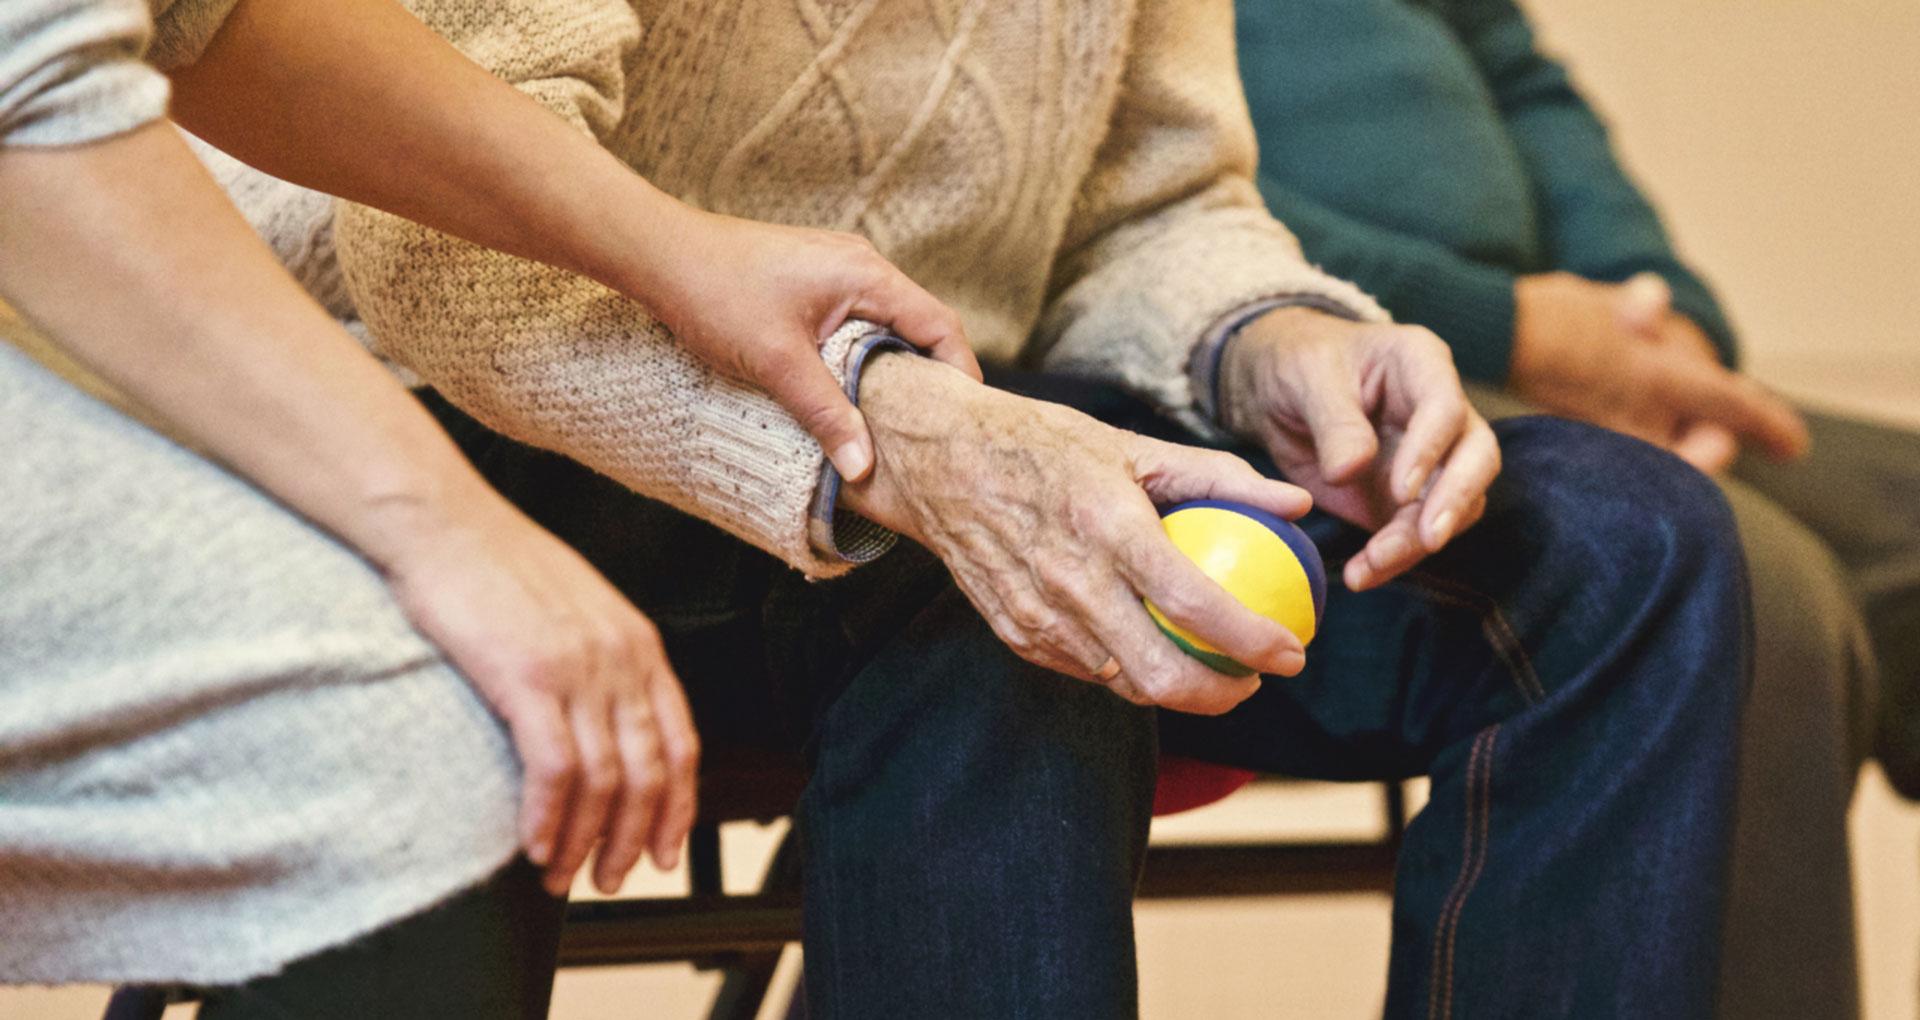 Zmapování potřeb, spokojenosti a očekávání v oblasti sociálních služeb v Plzni